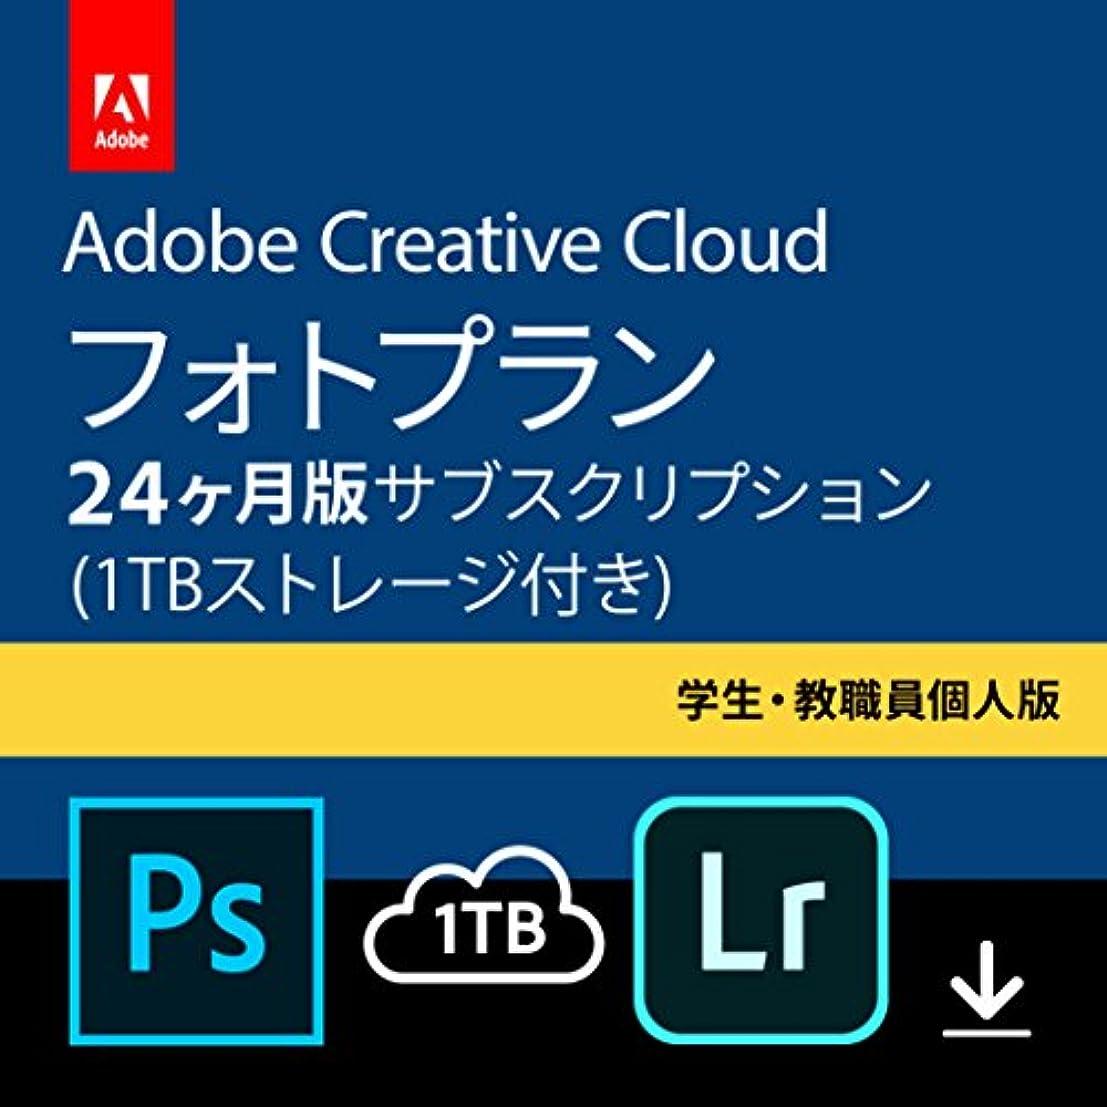 米ドルポジションマイルストーンAdobe Creative Cloud(アドビ クリエイティブ クラウド) フォトプラン(Photoshop+Lightroom) with 1TB|学生?教職員個人版|24か月版|オンラインコード版